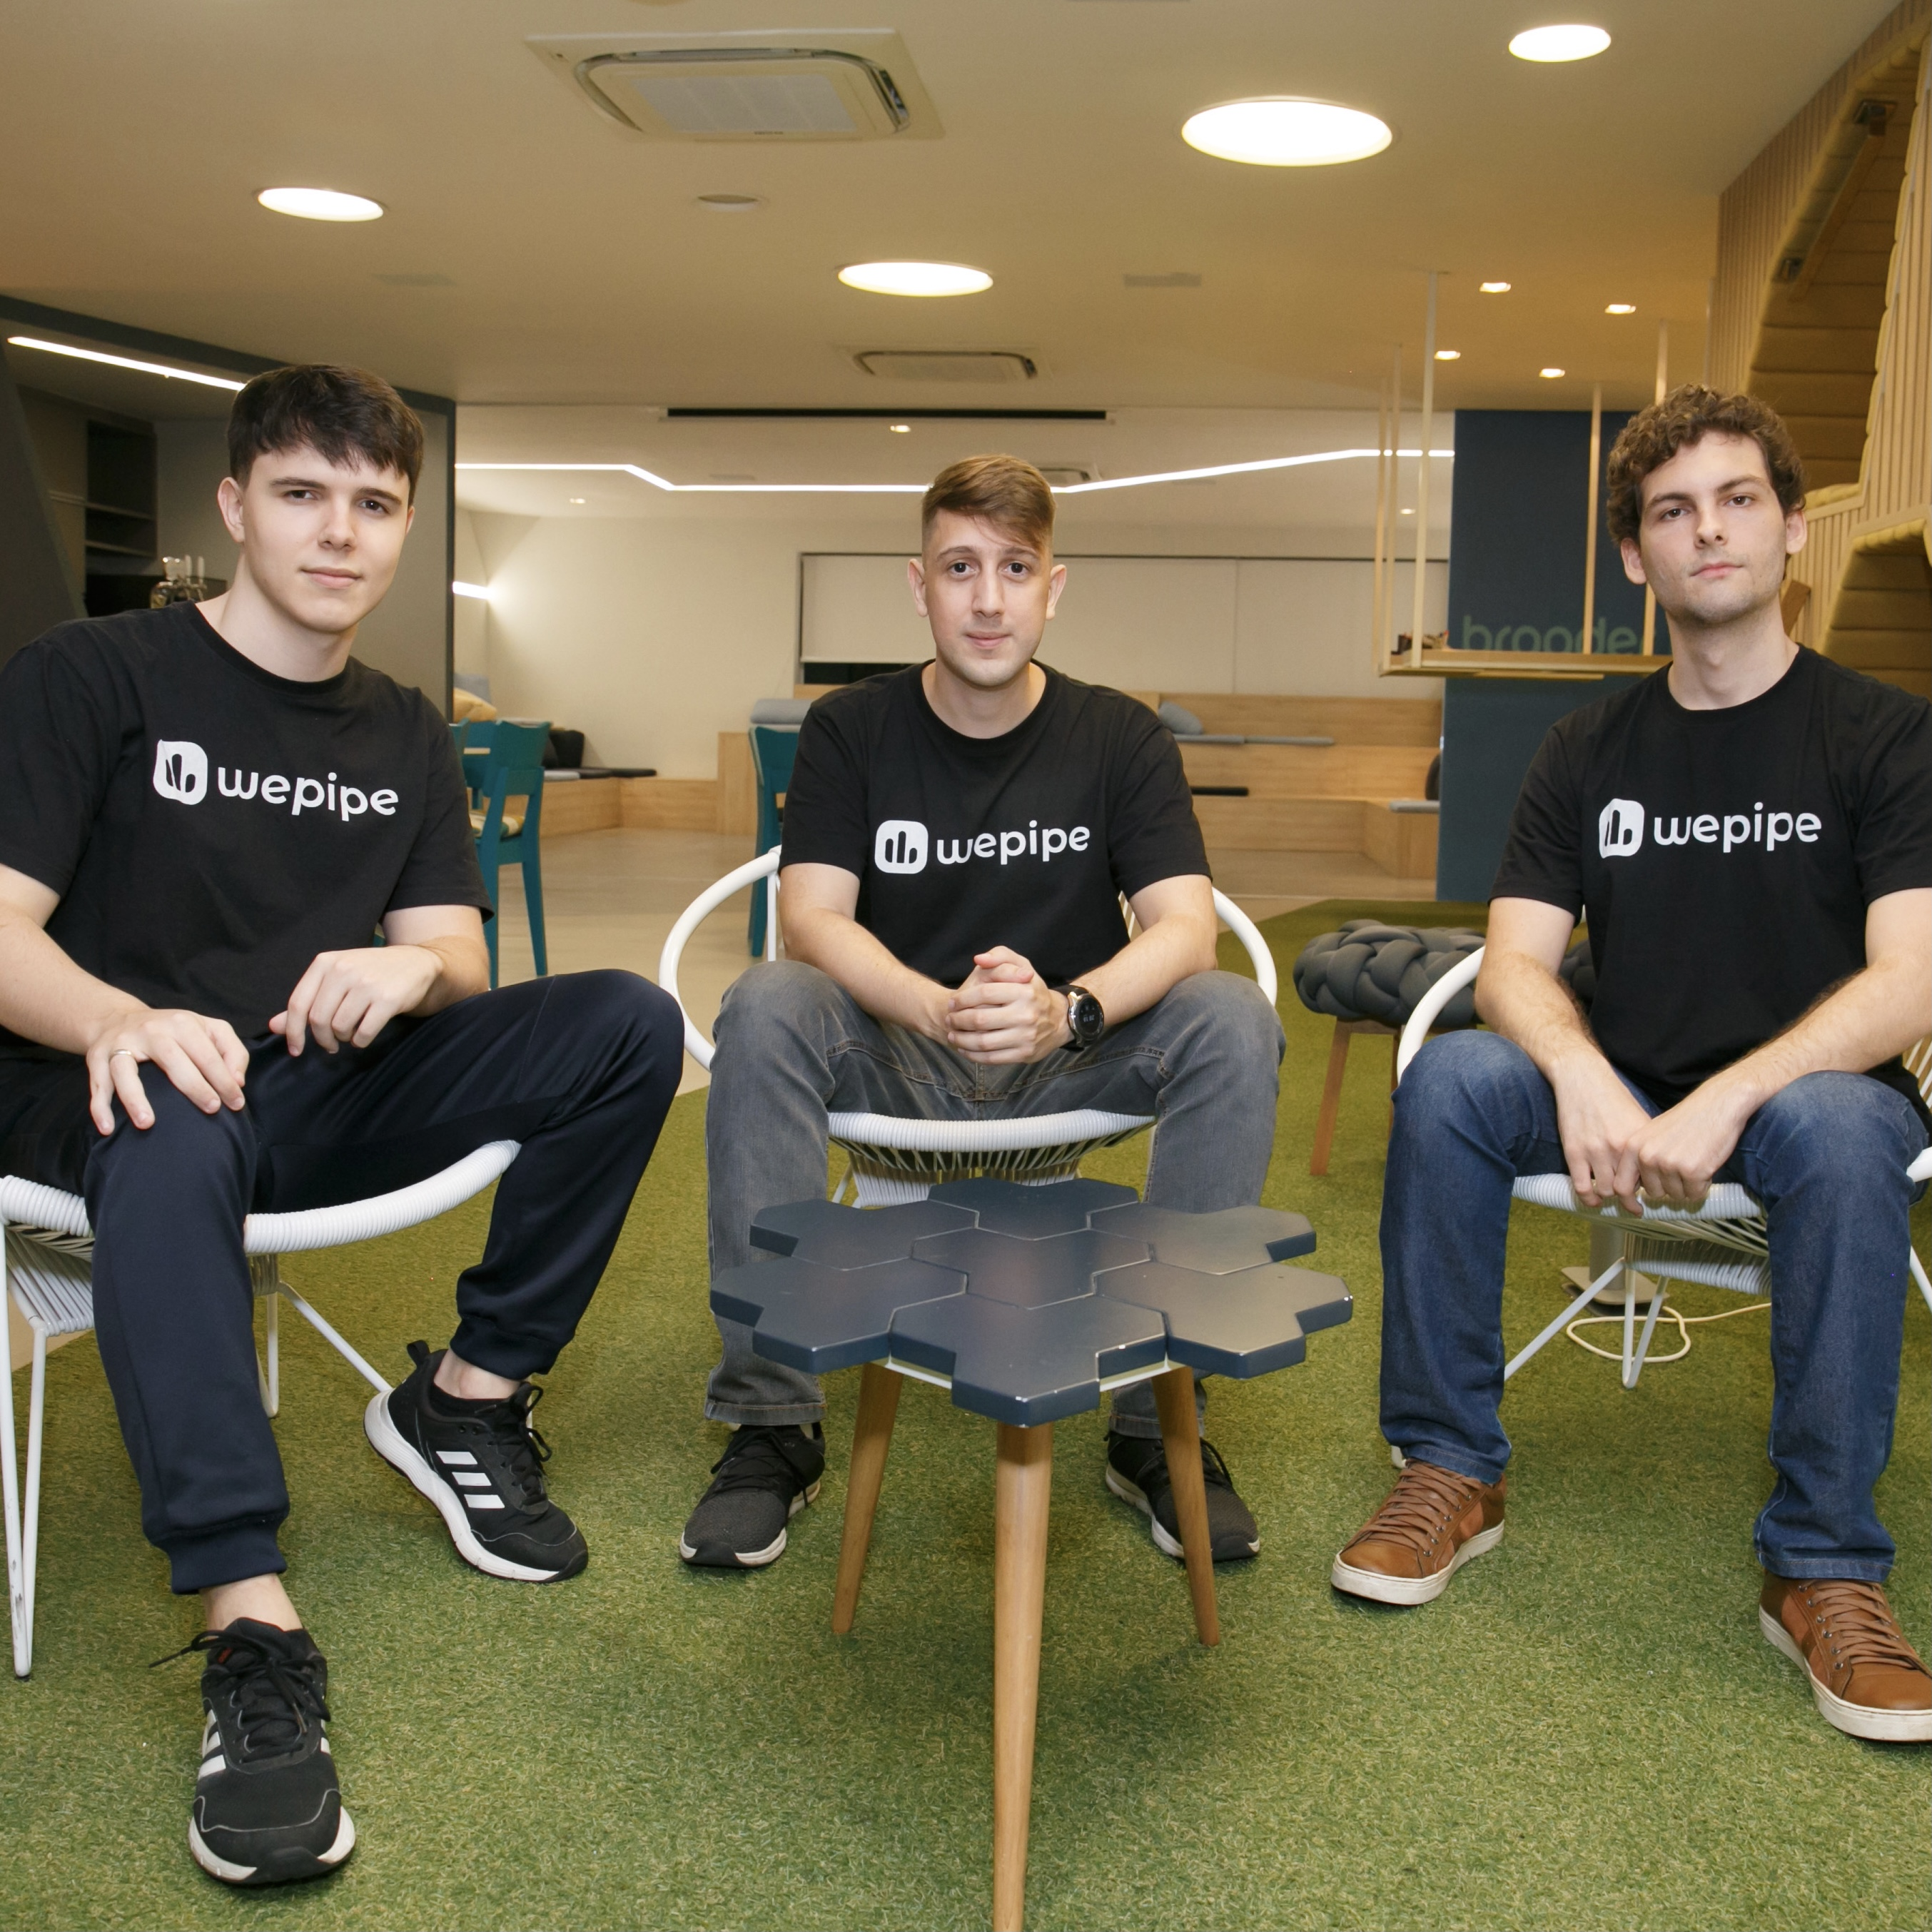 Startup capixaba lança plataforma de gestão e quer competir com marcas globais